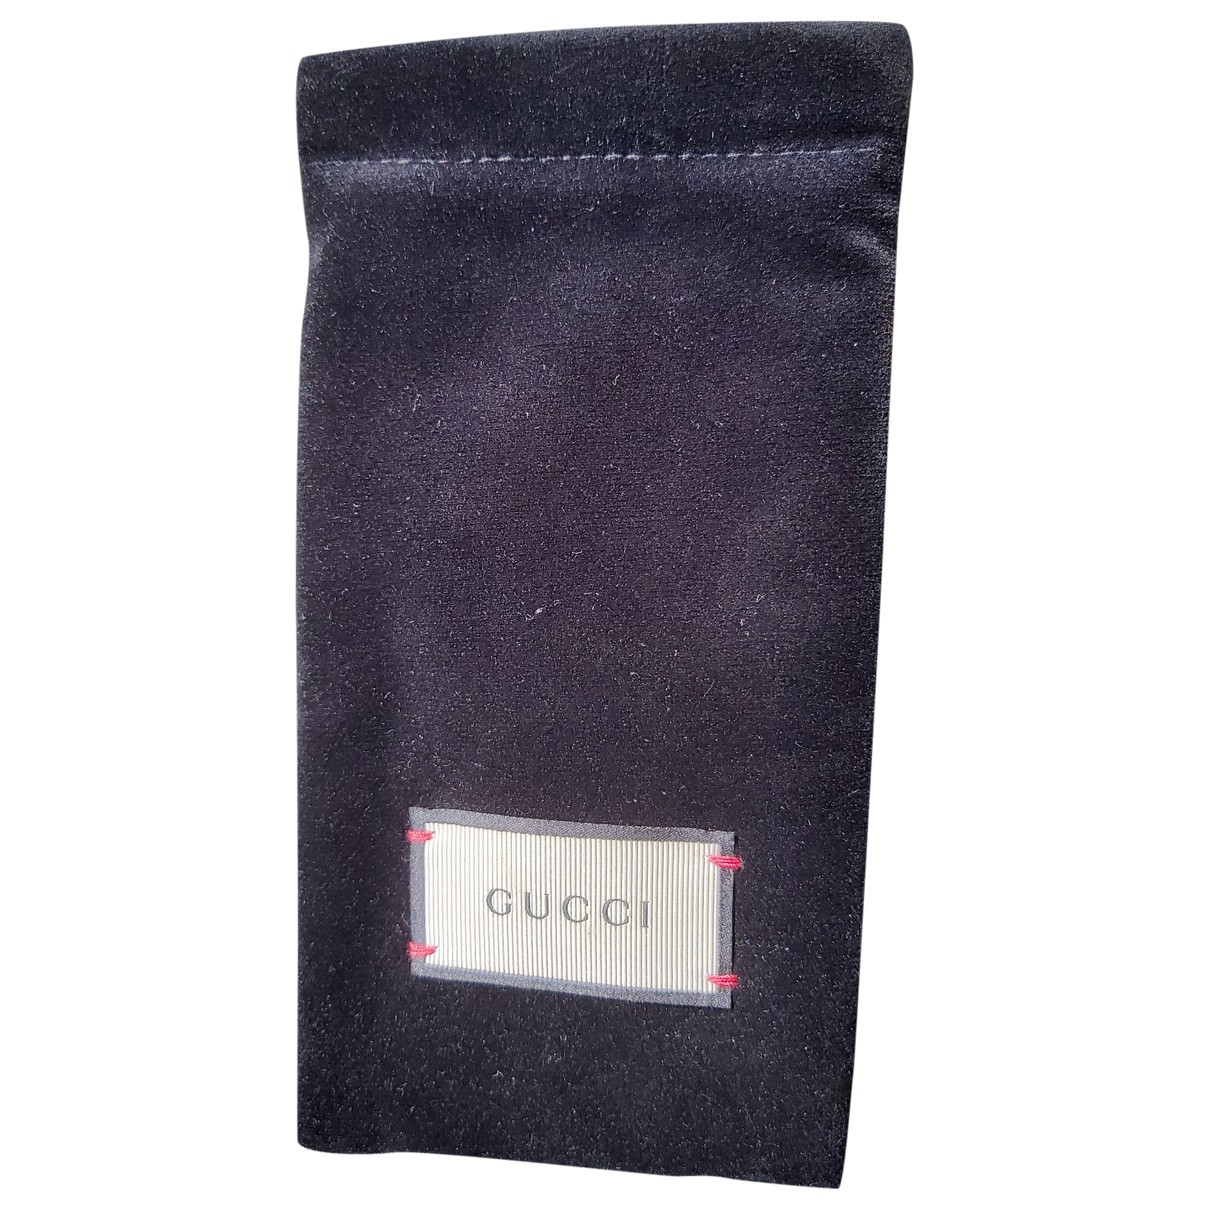 Objeto de decoracion de Terciopelo Gucci